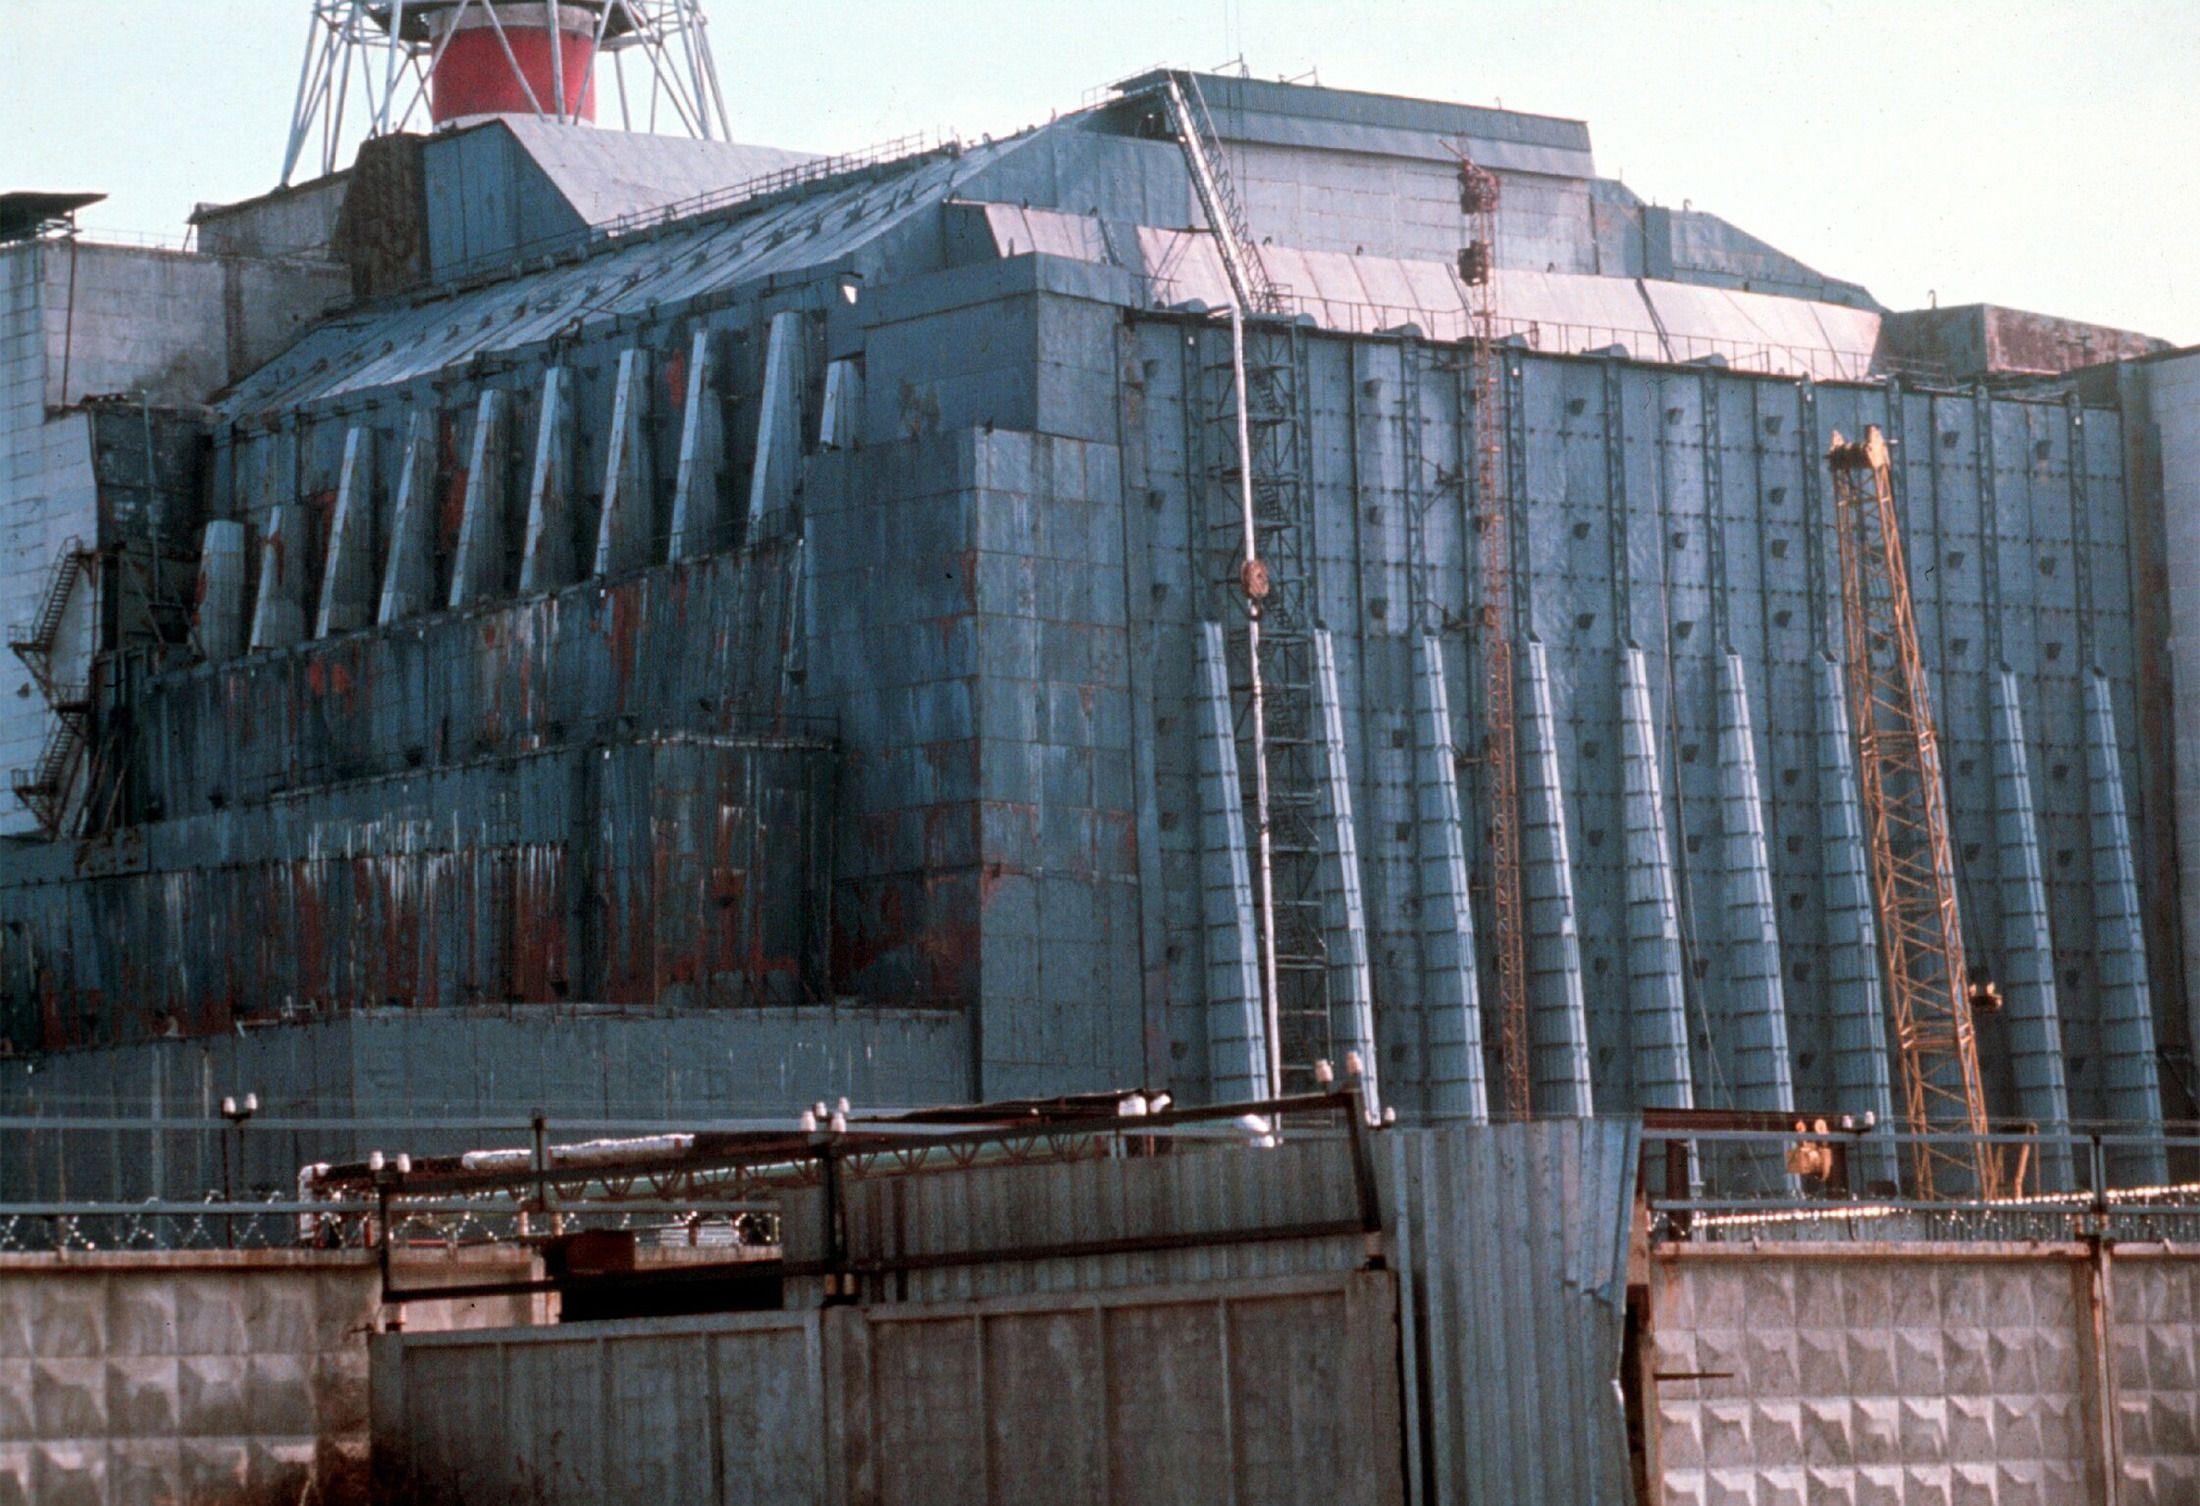 Etter en katastrofal ulykke i Tsjernobyl-kraftverkets reaktor nummer fire i 1986 ble denne enorme betongsarkofagen konstruert i full fart rundt reaktoren, for å hindre radioaktivt materiale i å slippe ut. Den er nå i ferd med å erstattes av en enorm stålsarkofag, som skal stå der i minst 100 år fremover.Foto: NTB scanpix